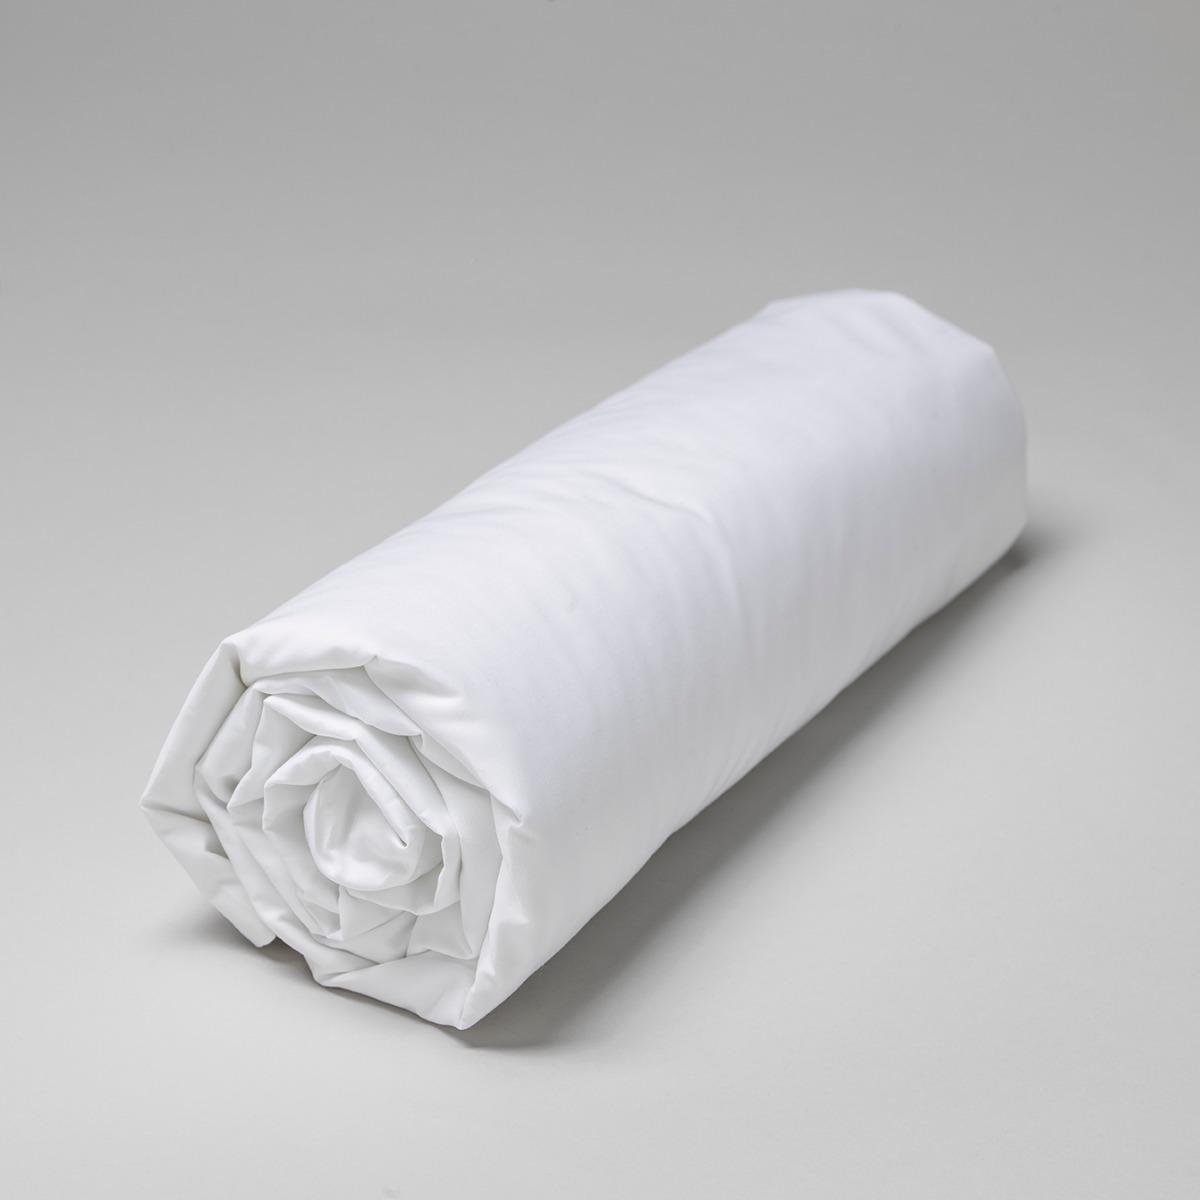 Drap housse percale de coton peigné 160 fils 180x200